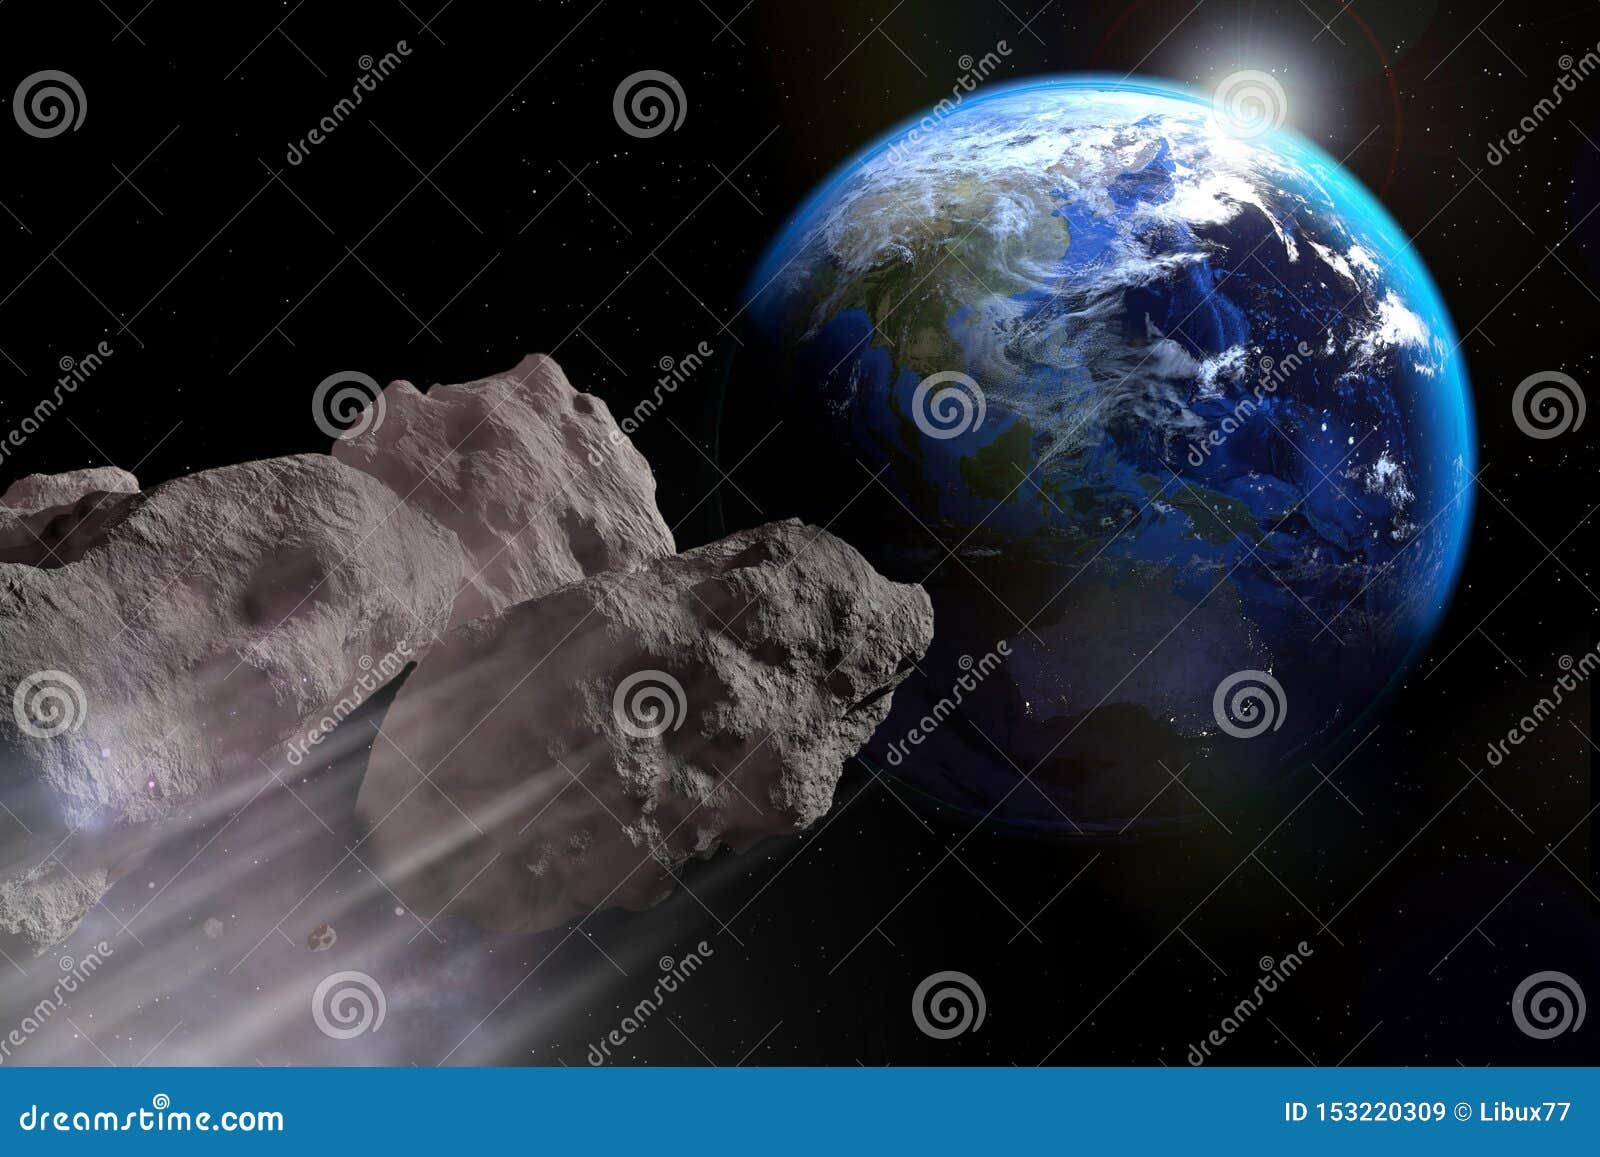 Астероид около плотно сжать на земной поверхности